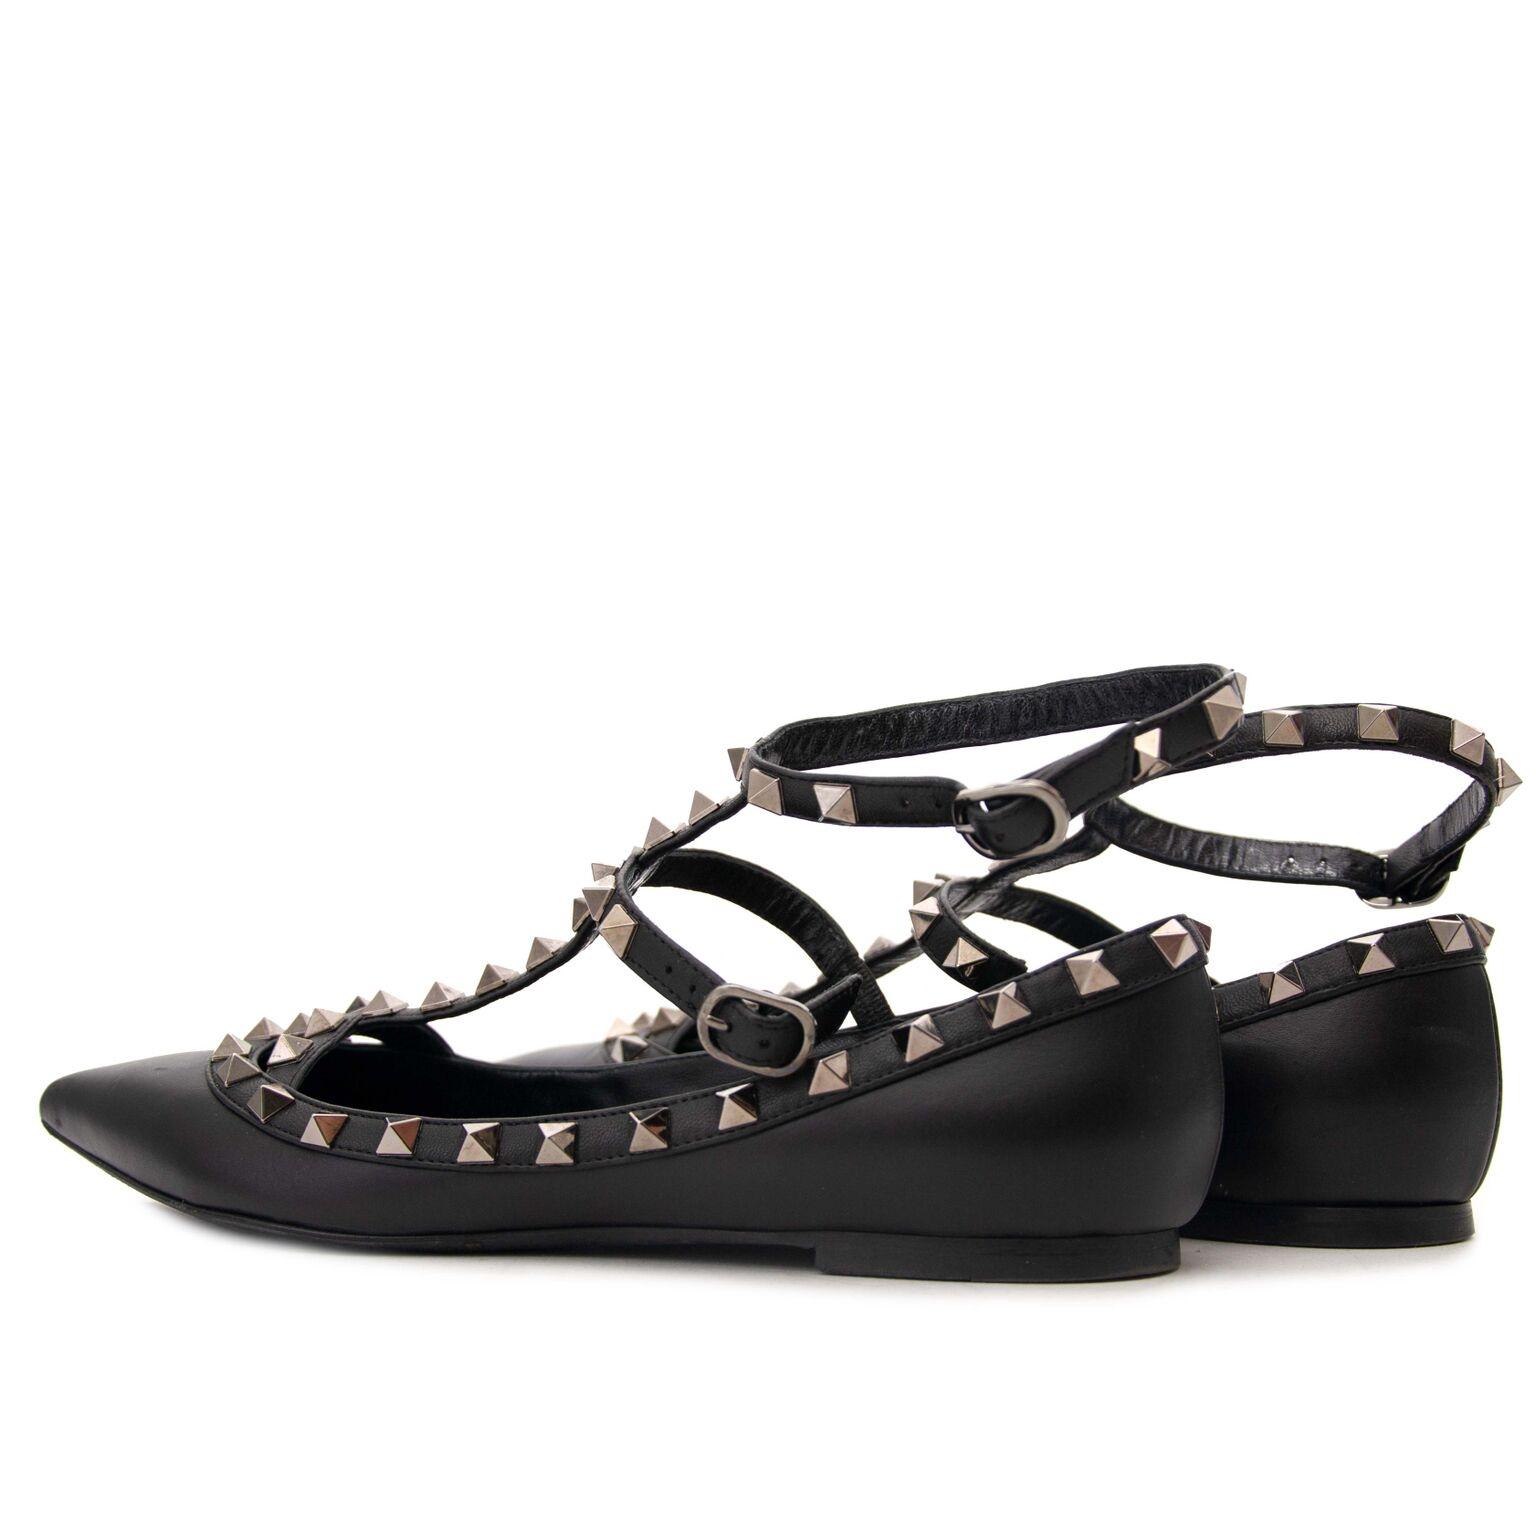 koop tweedehands Valentino Rockstud Double Ankle Strap Black Ballerina Flats bij labellov